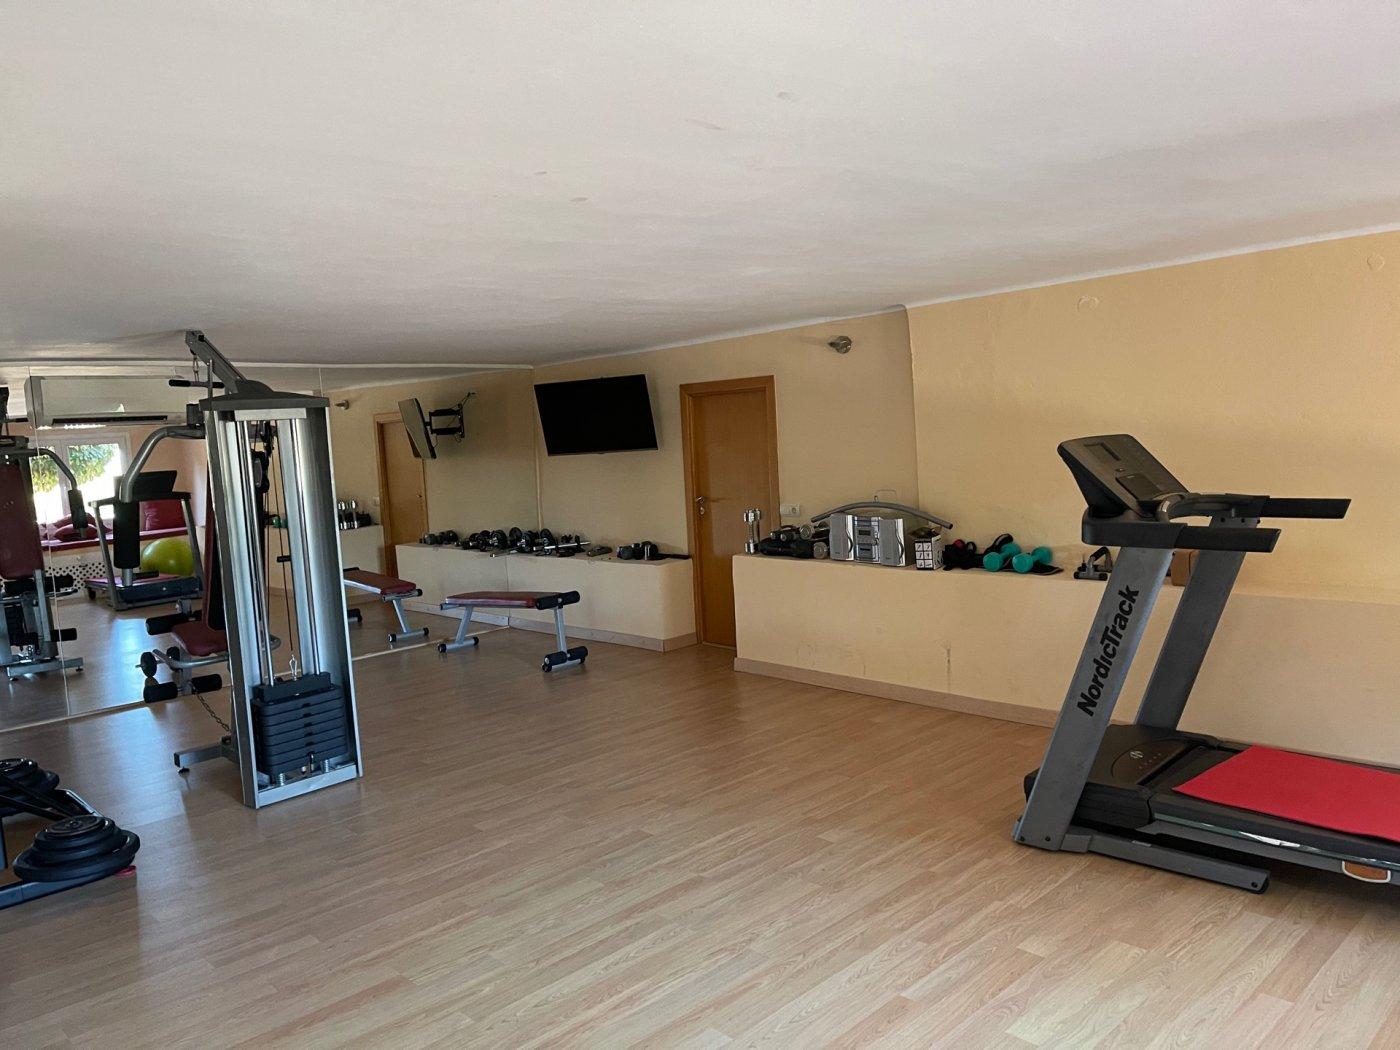 Elagante piso en alquiler en la zona de cas catalÁ, calviÁ - imagenInmueble23